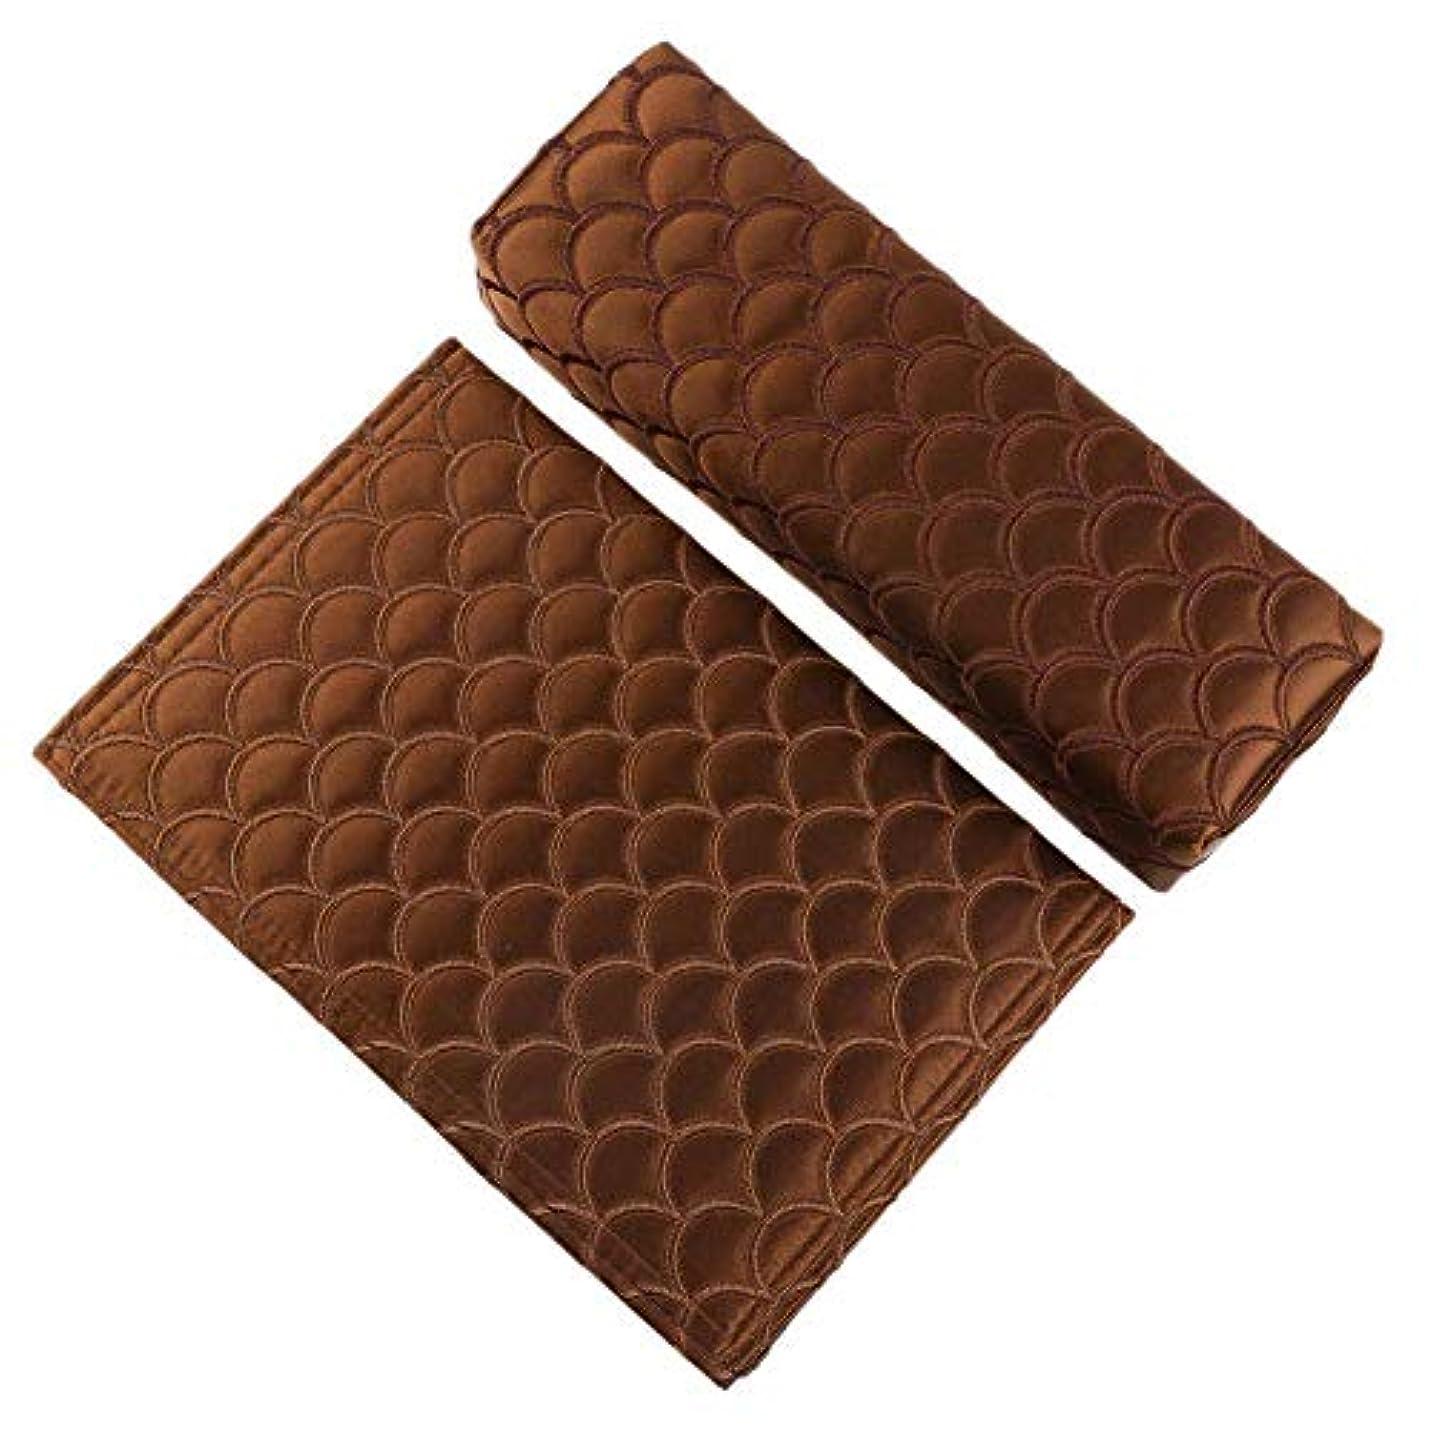 間違いなく策定するエンゲージメント6色2個折り畳み式の絶妙なソフトシルクネイルアートハンドピロー-アームレストマニキュアサロン用の高温耐性高品質ハンドクッション(06)